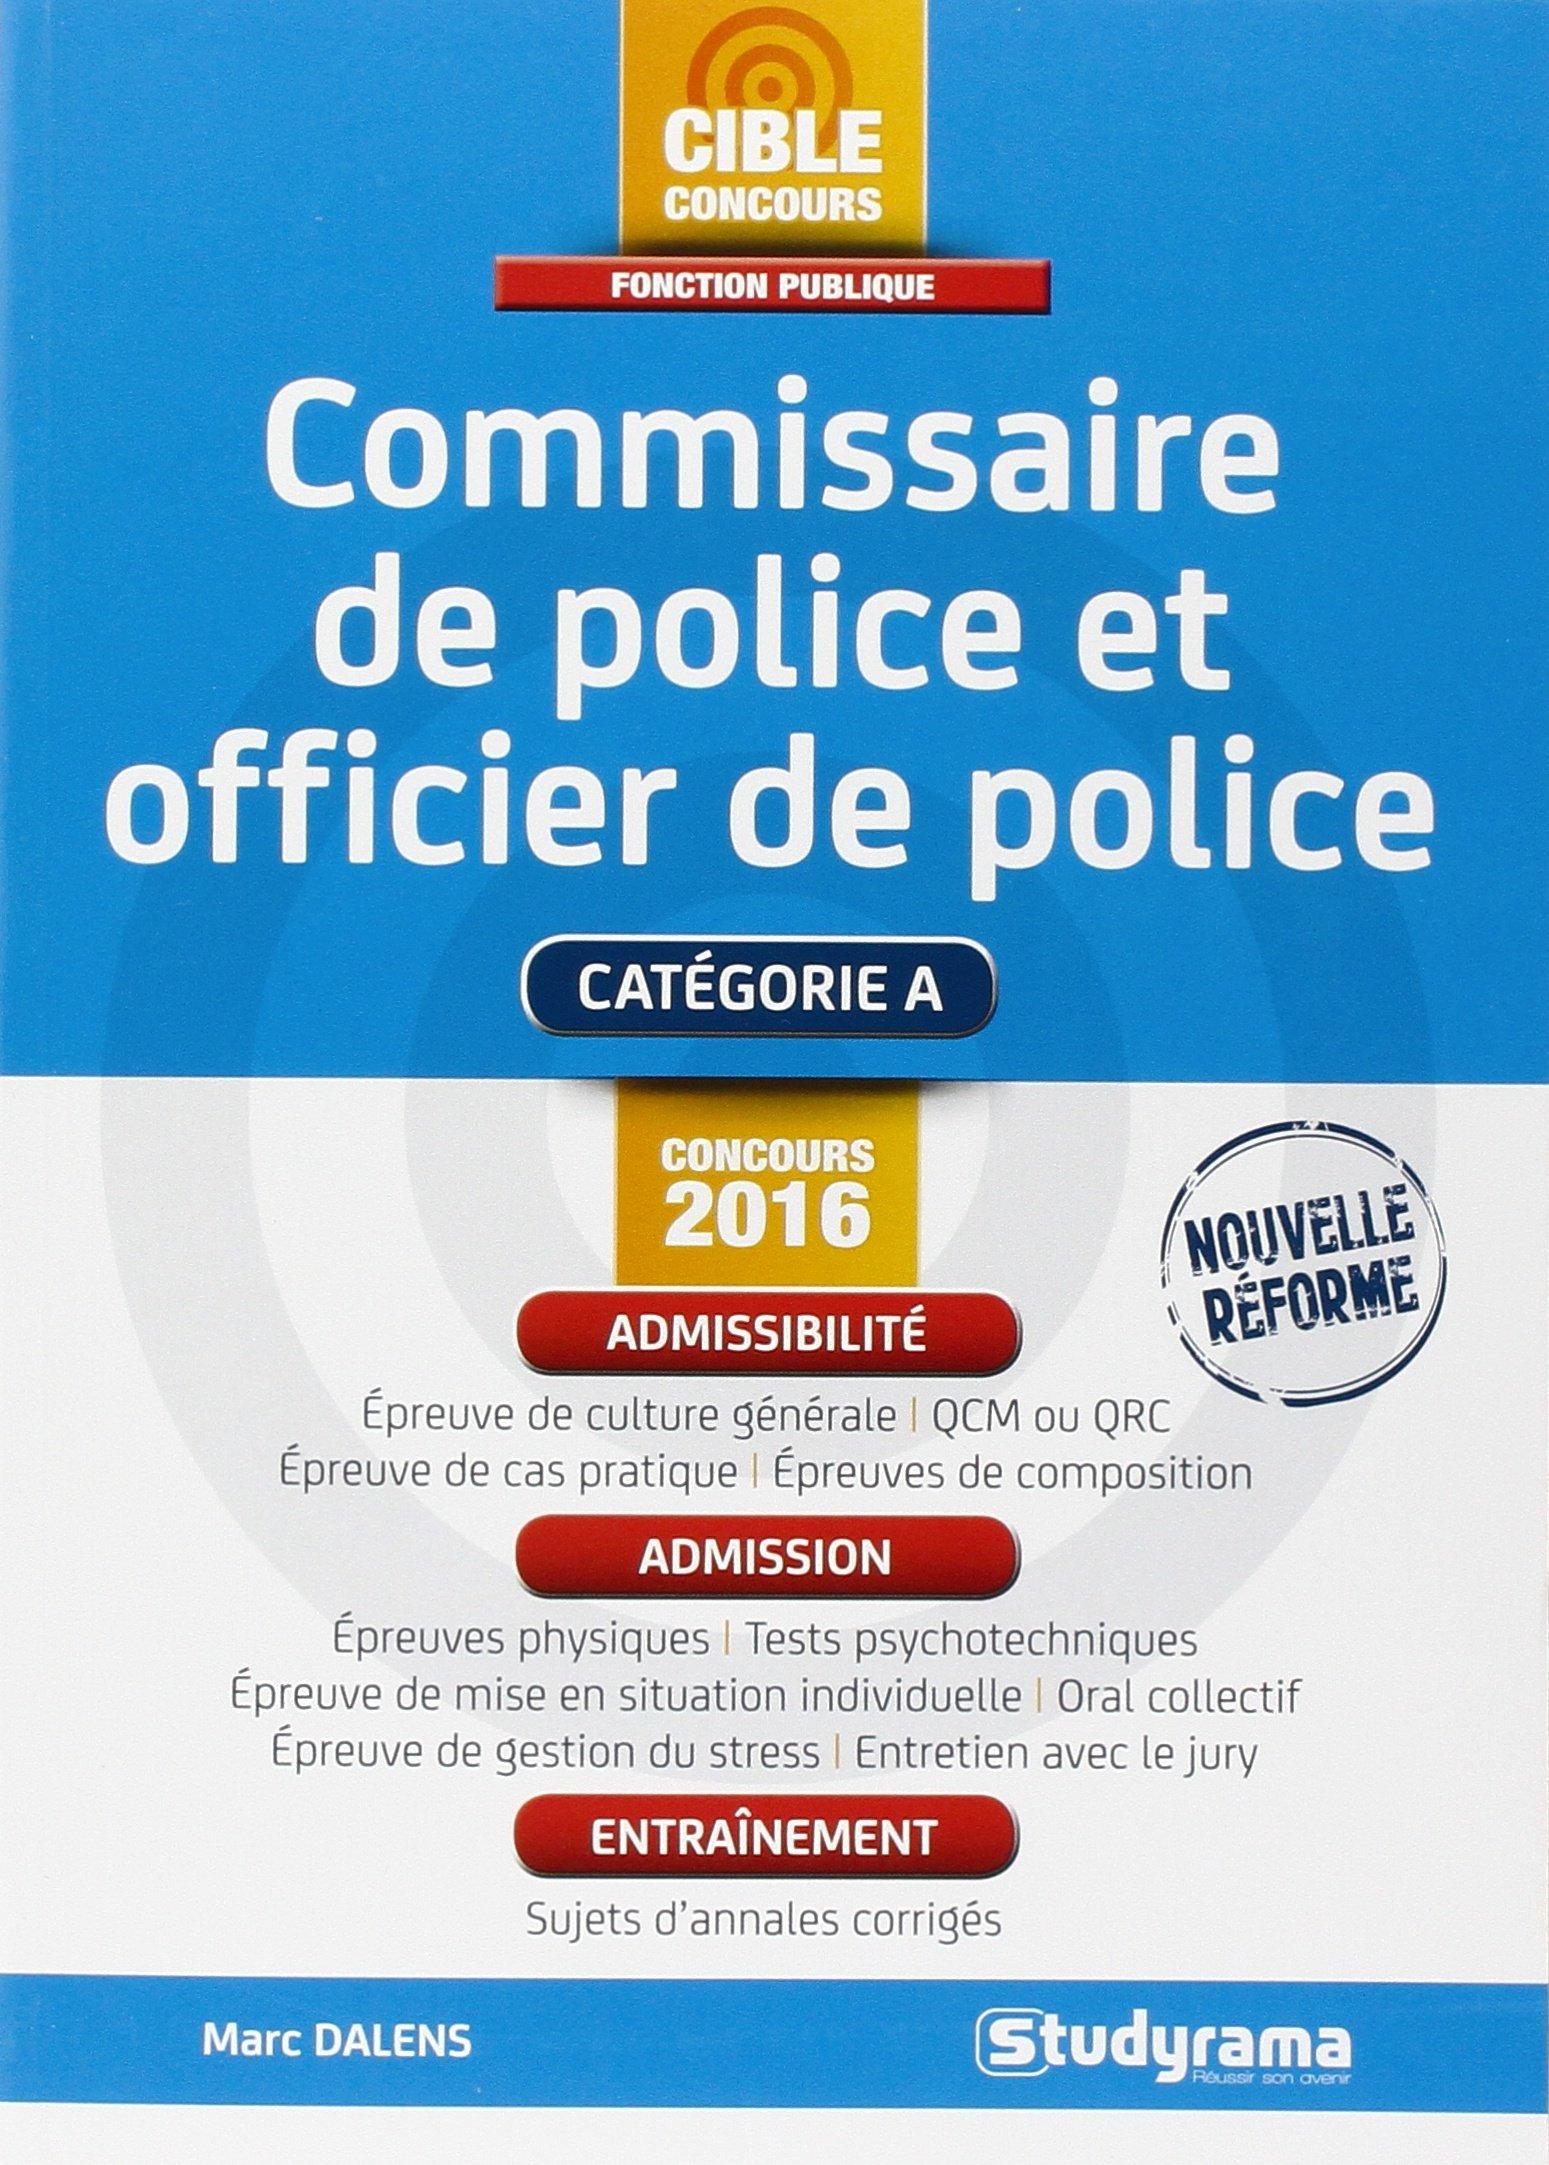 Culture générale officier de police